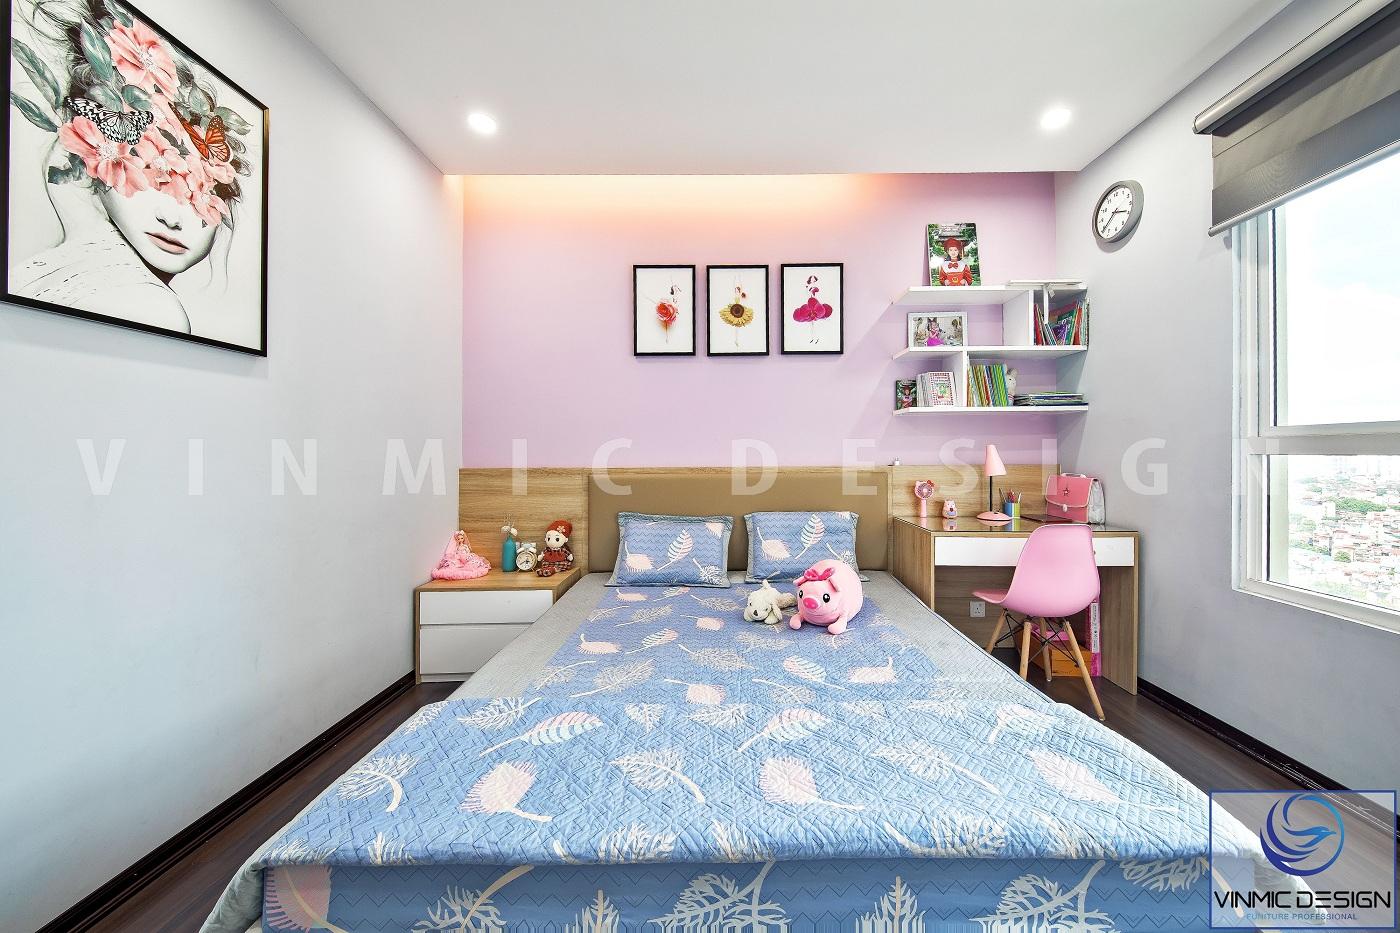 Thi công nội thất phòng ngủ con kết hợp đồ trang trí bố trí hợp lí